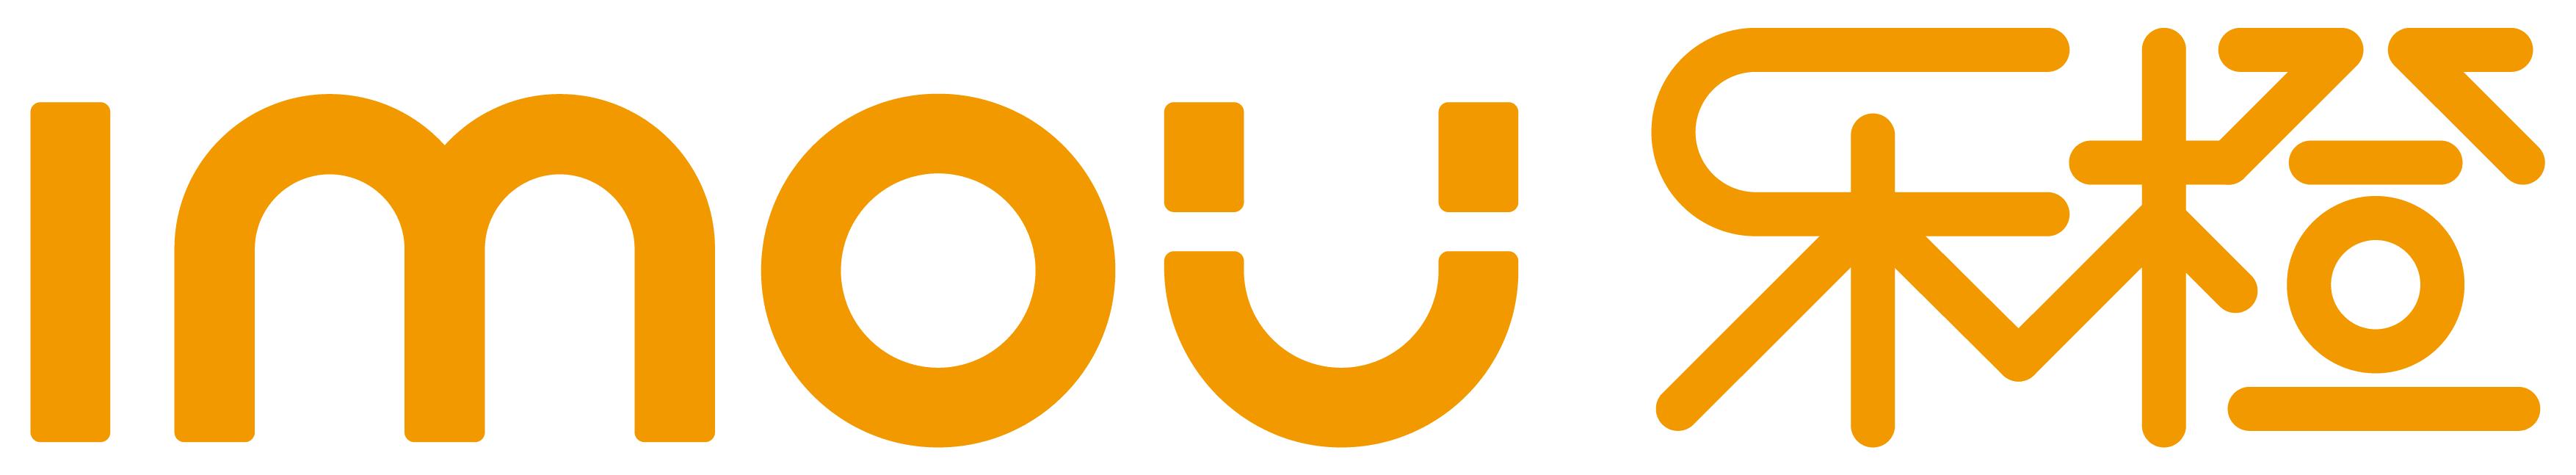 """杭州华橙网络科技有限公司参评""""维科杯?OFweek2019中国物联网行业创新技术产品奖"""""""